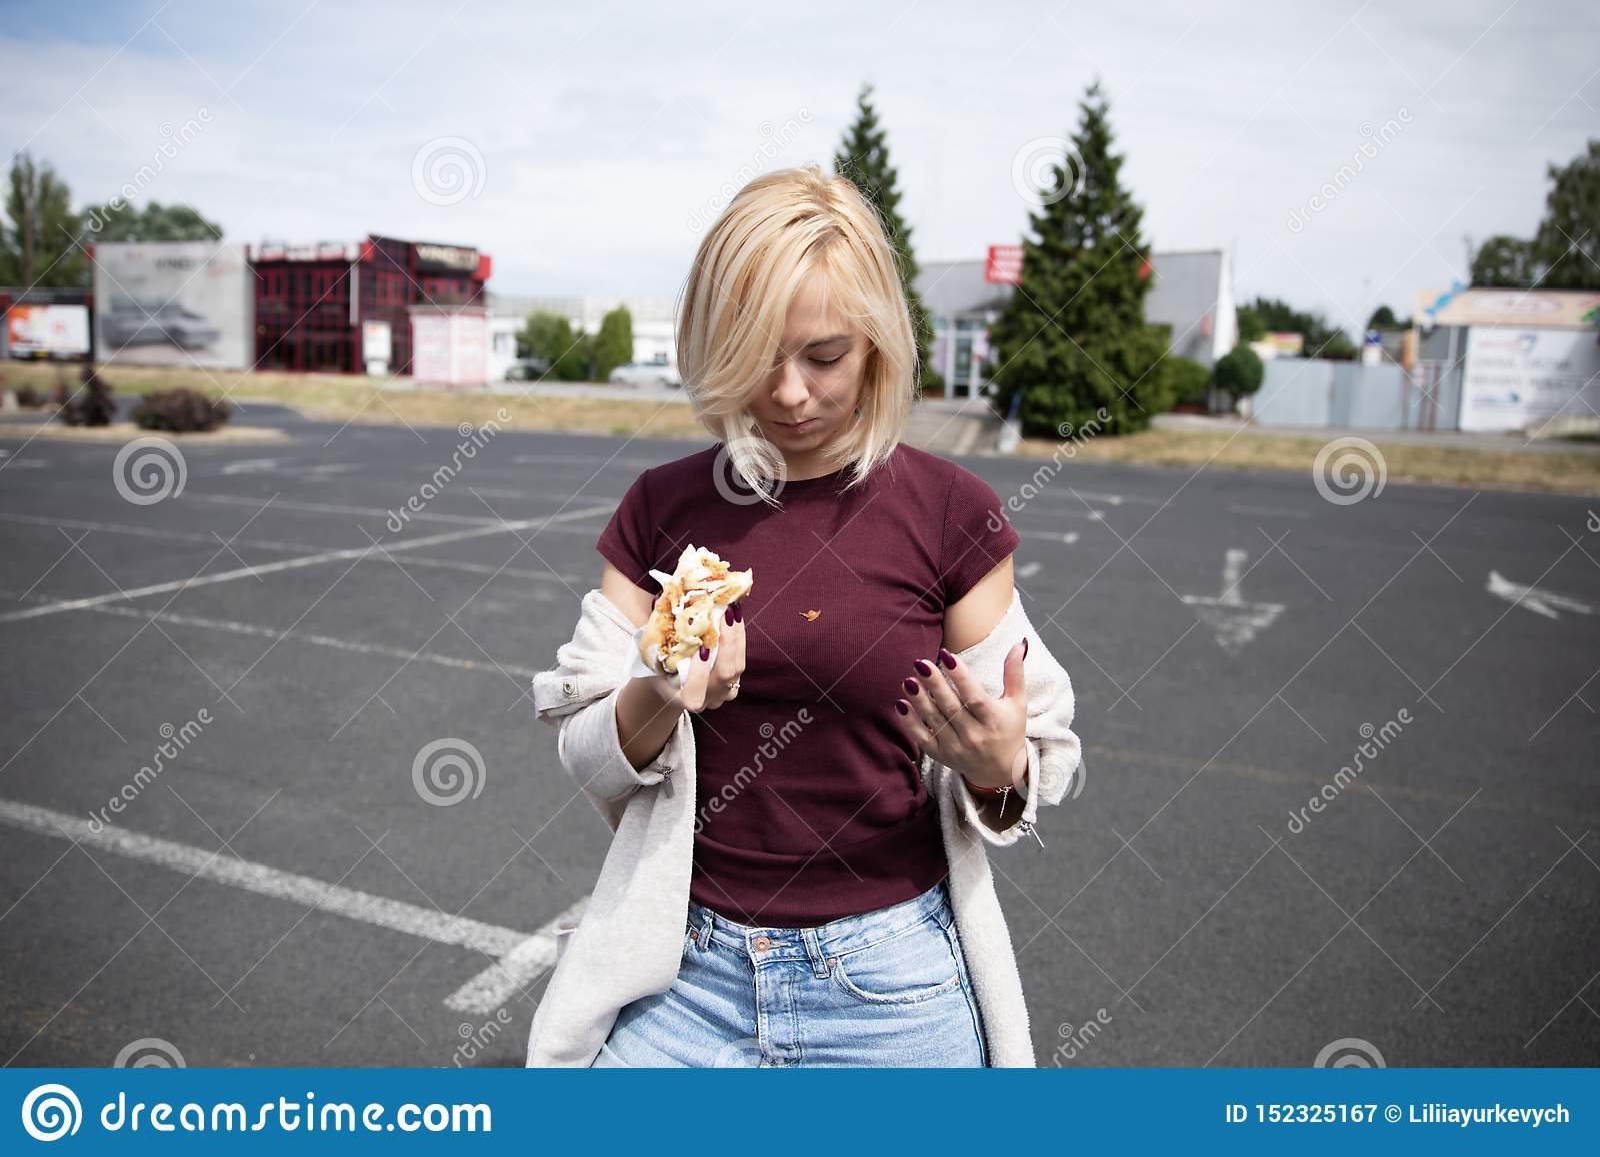 Uma jovem mulher guarda um cachorro quente mordido